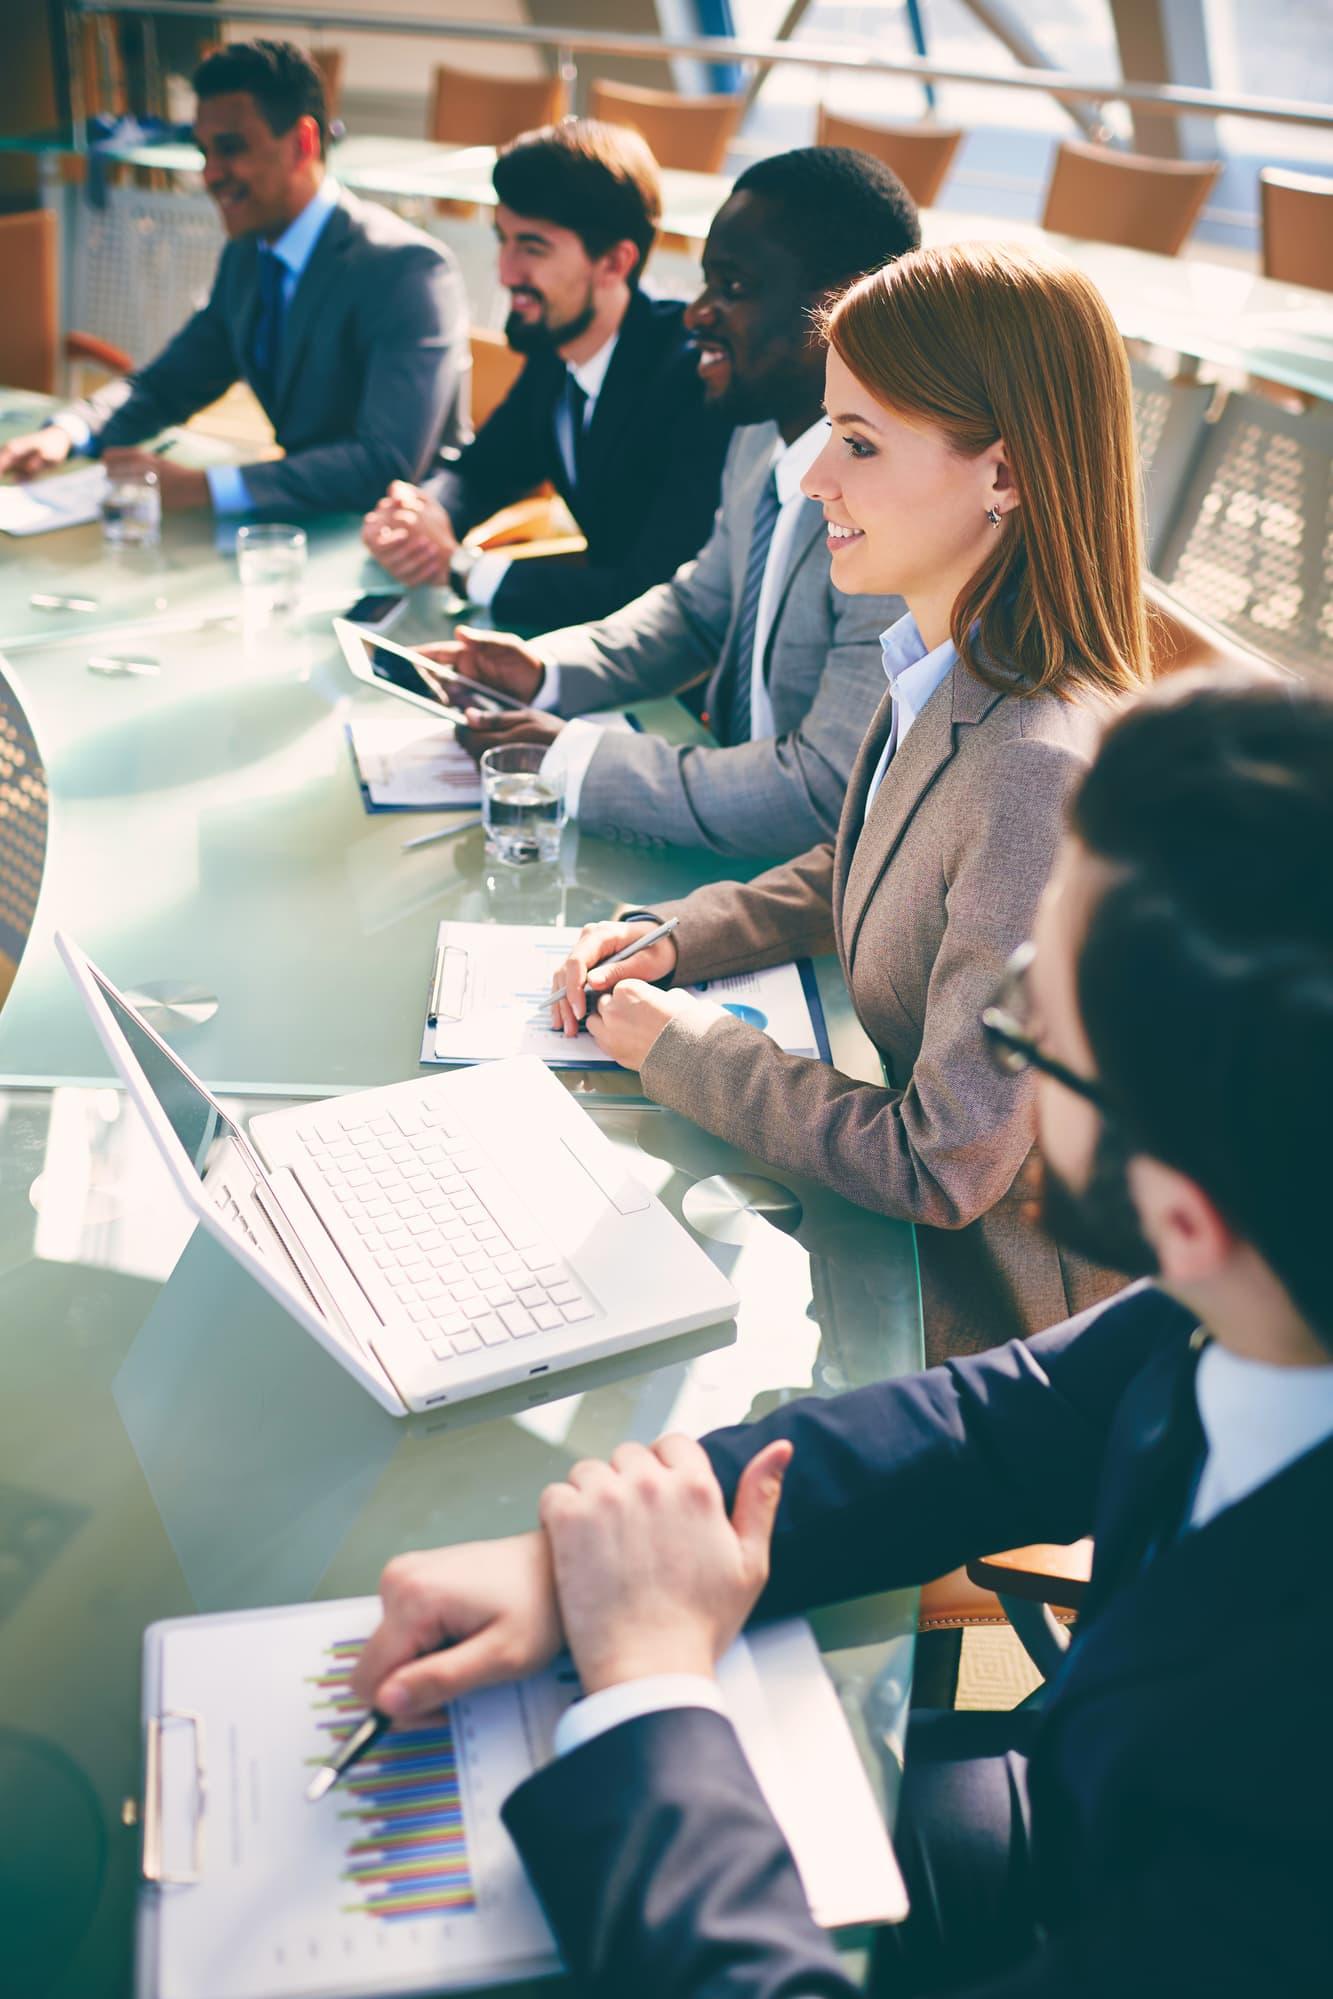 Executive Business Meeting